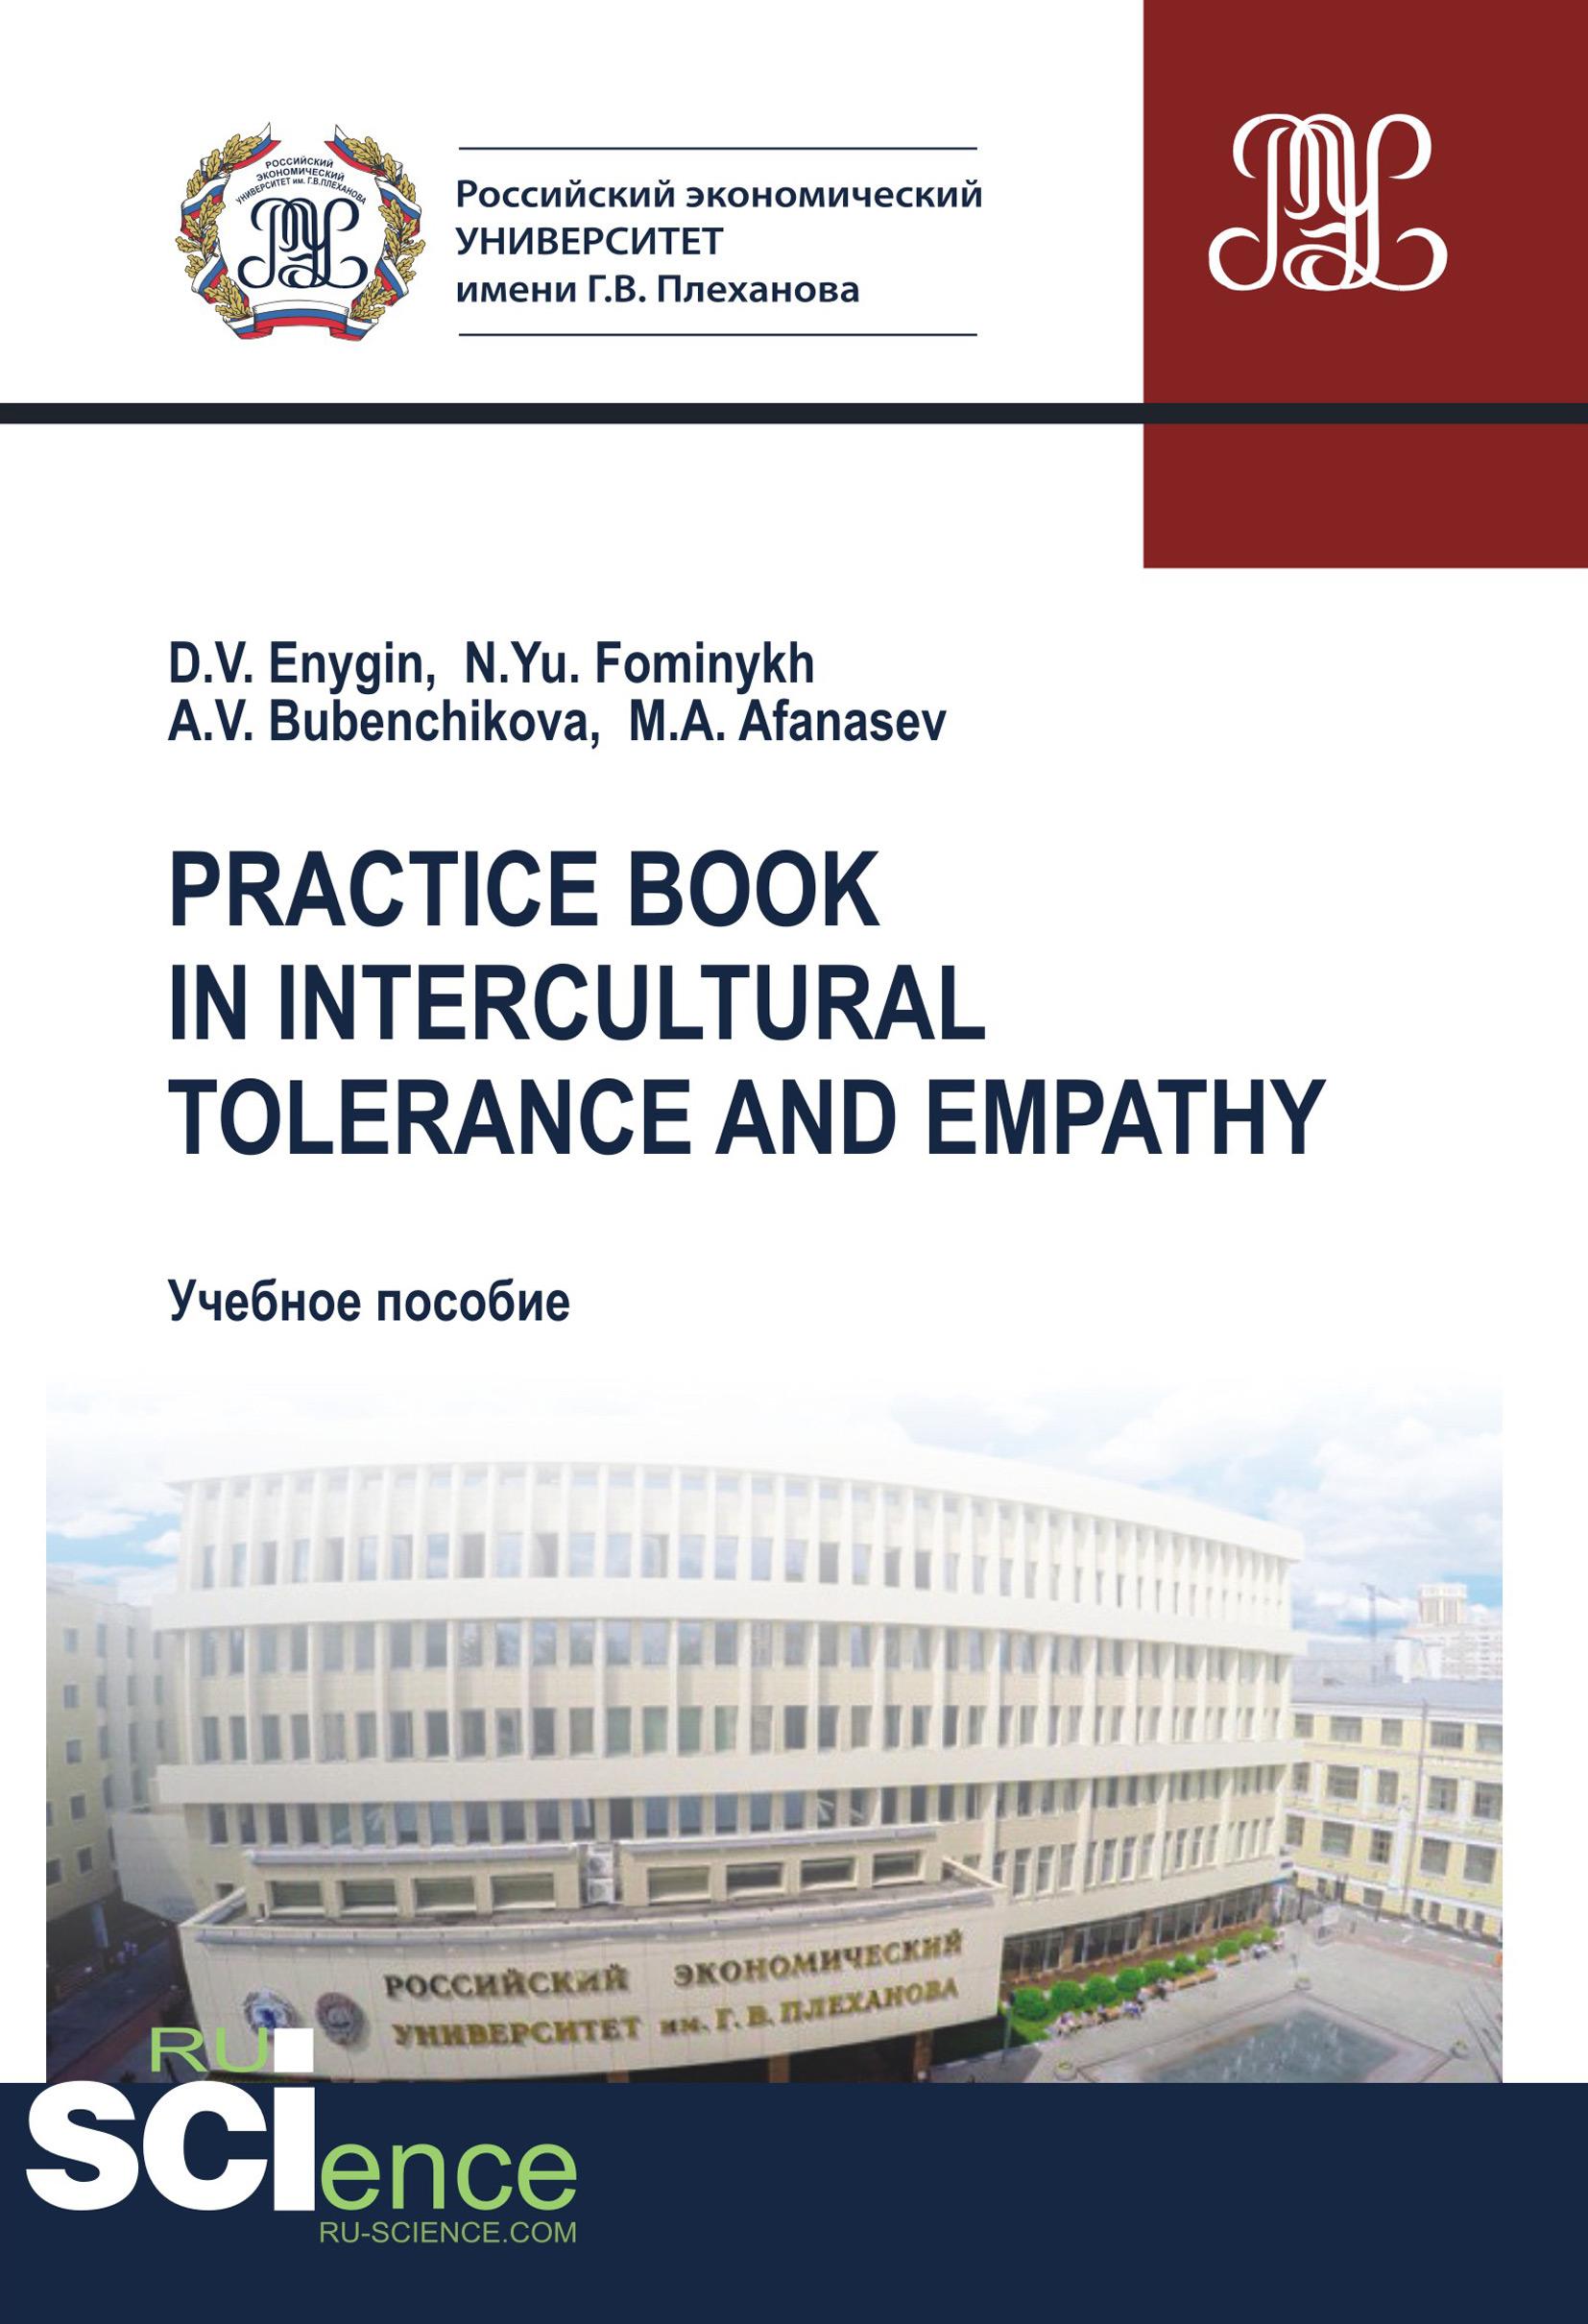 Н. Ю. Фоминых Practice book in intercultural tolerance and empathy empathy